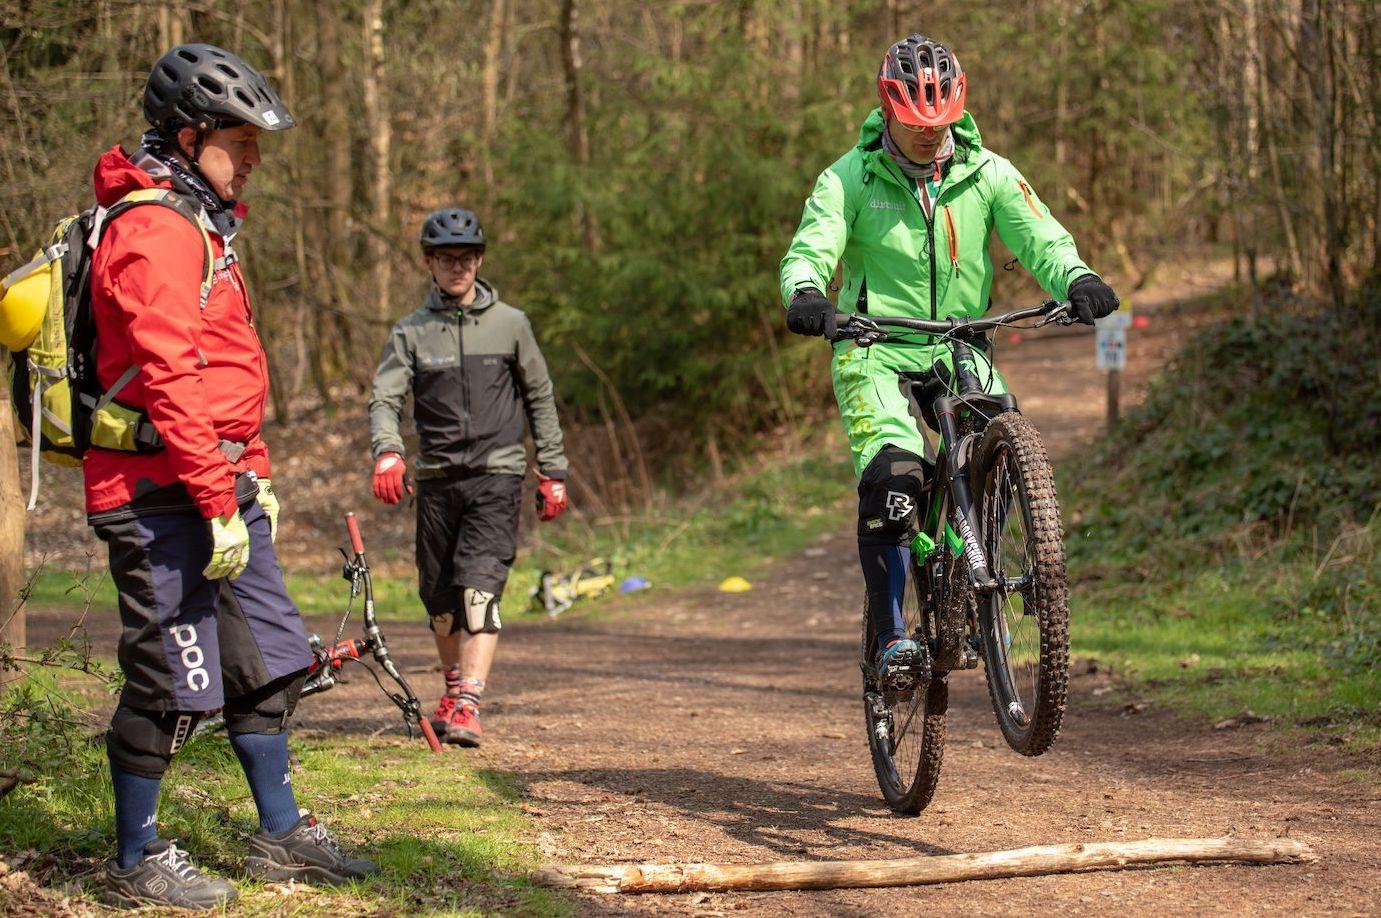 MTB Fahrtechnik Kurs Fortgeschrittene in Bad Orb  Spessart - Mountainbike Fortgeschritten - Rock my Trail Bikeschule - 15